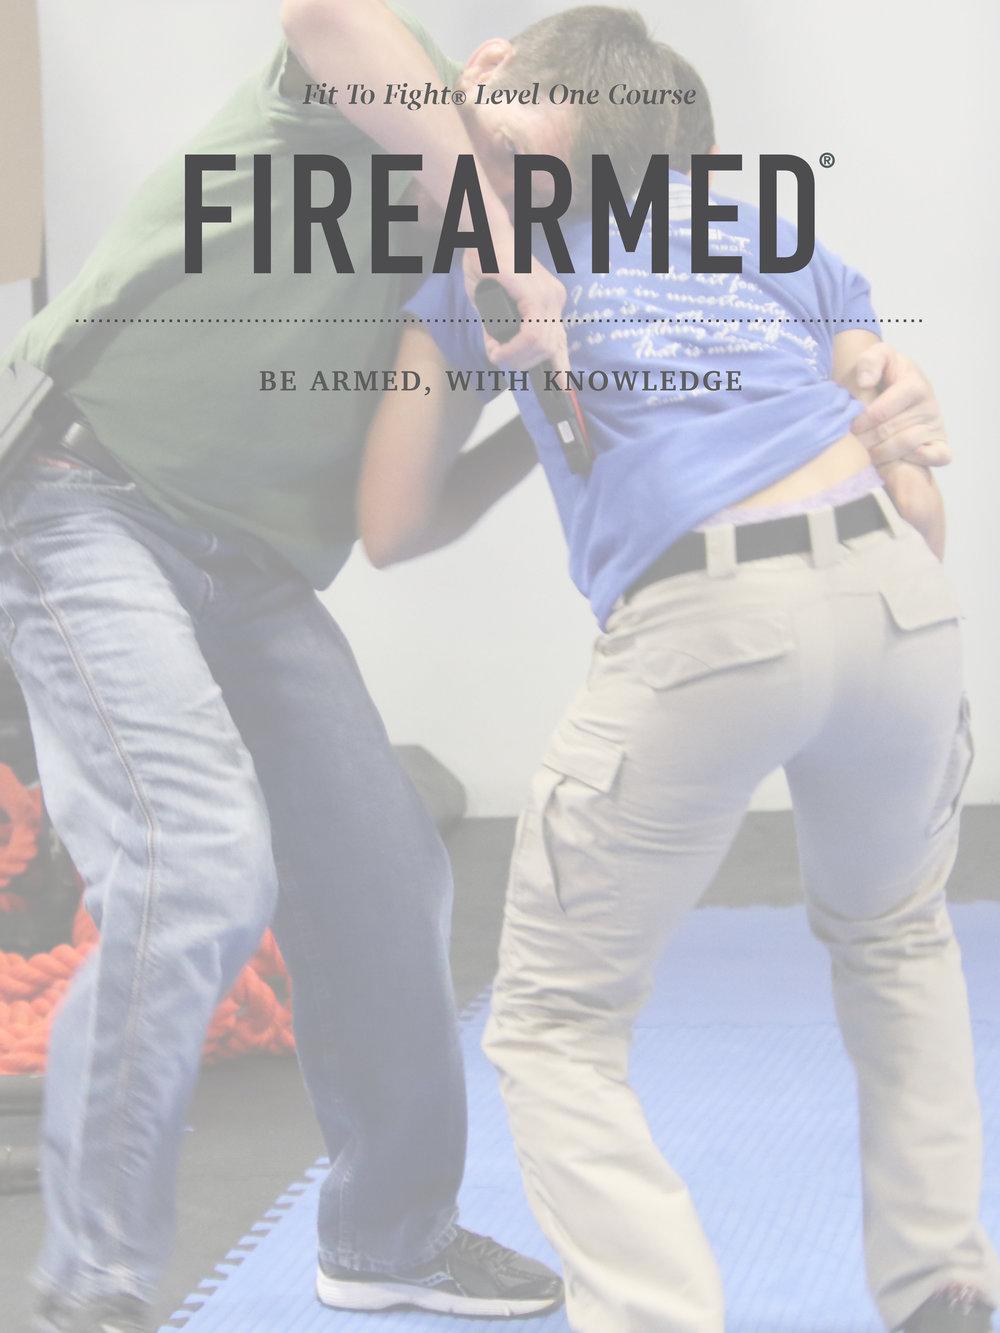 firearmedimageslev1.2-2.jpg